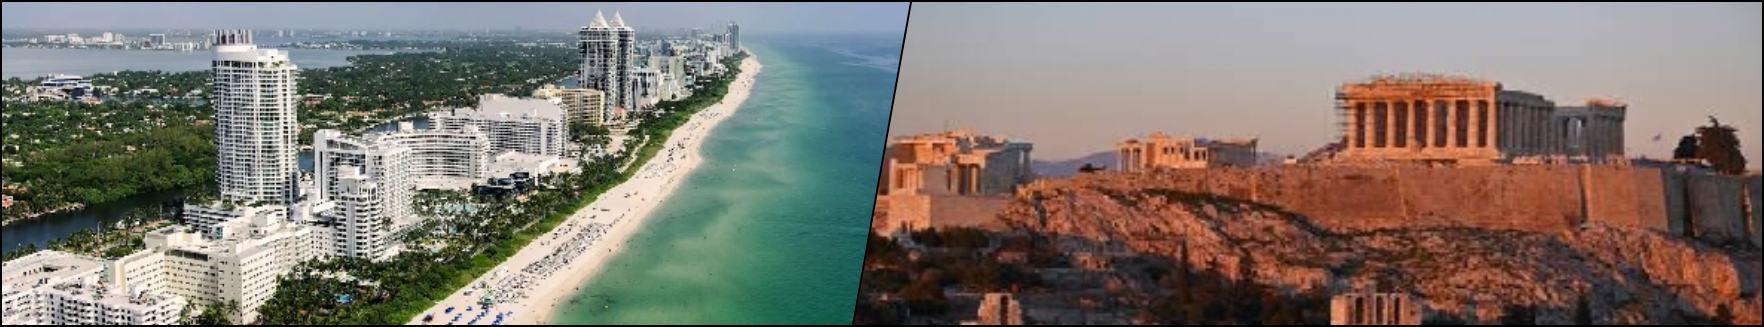 Miami - Athens